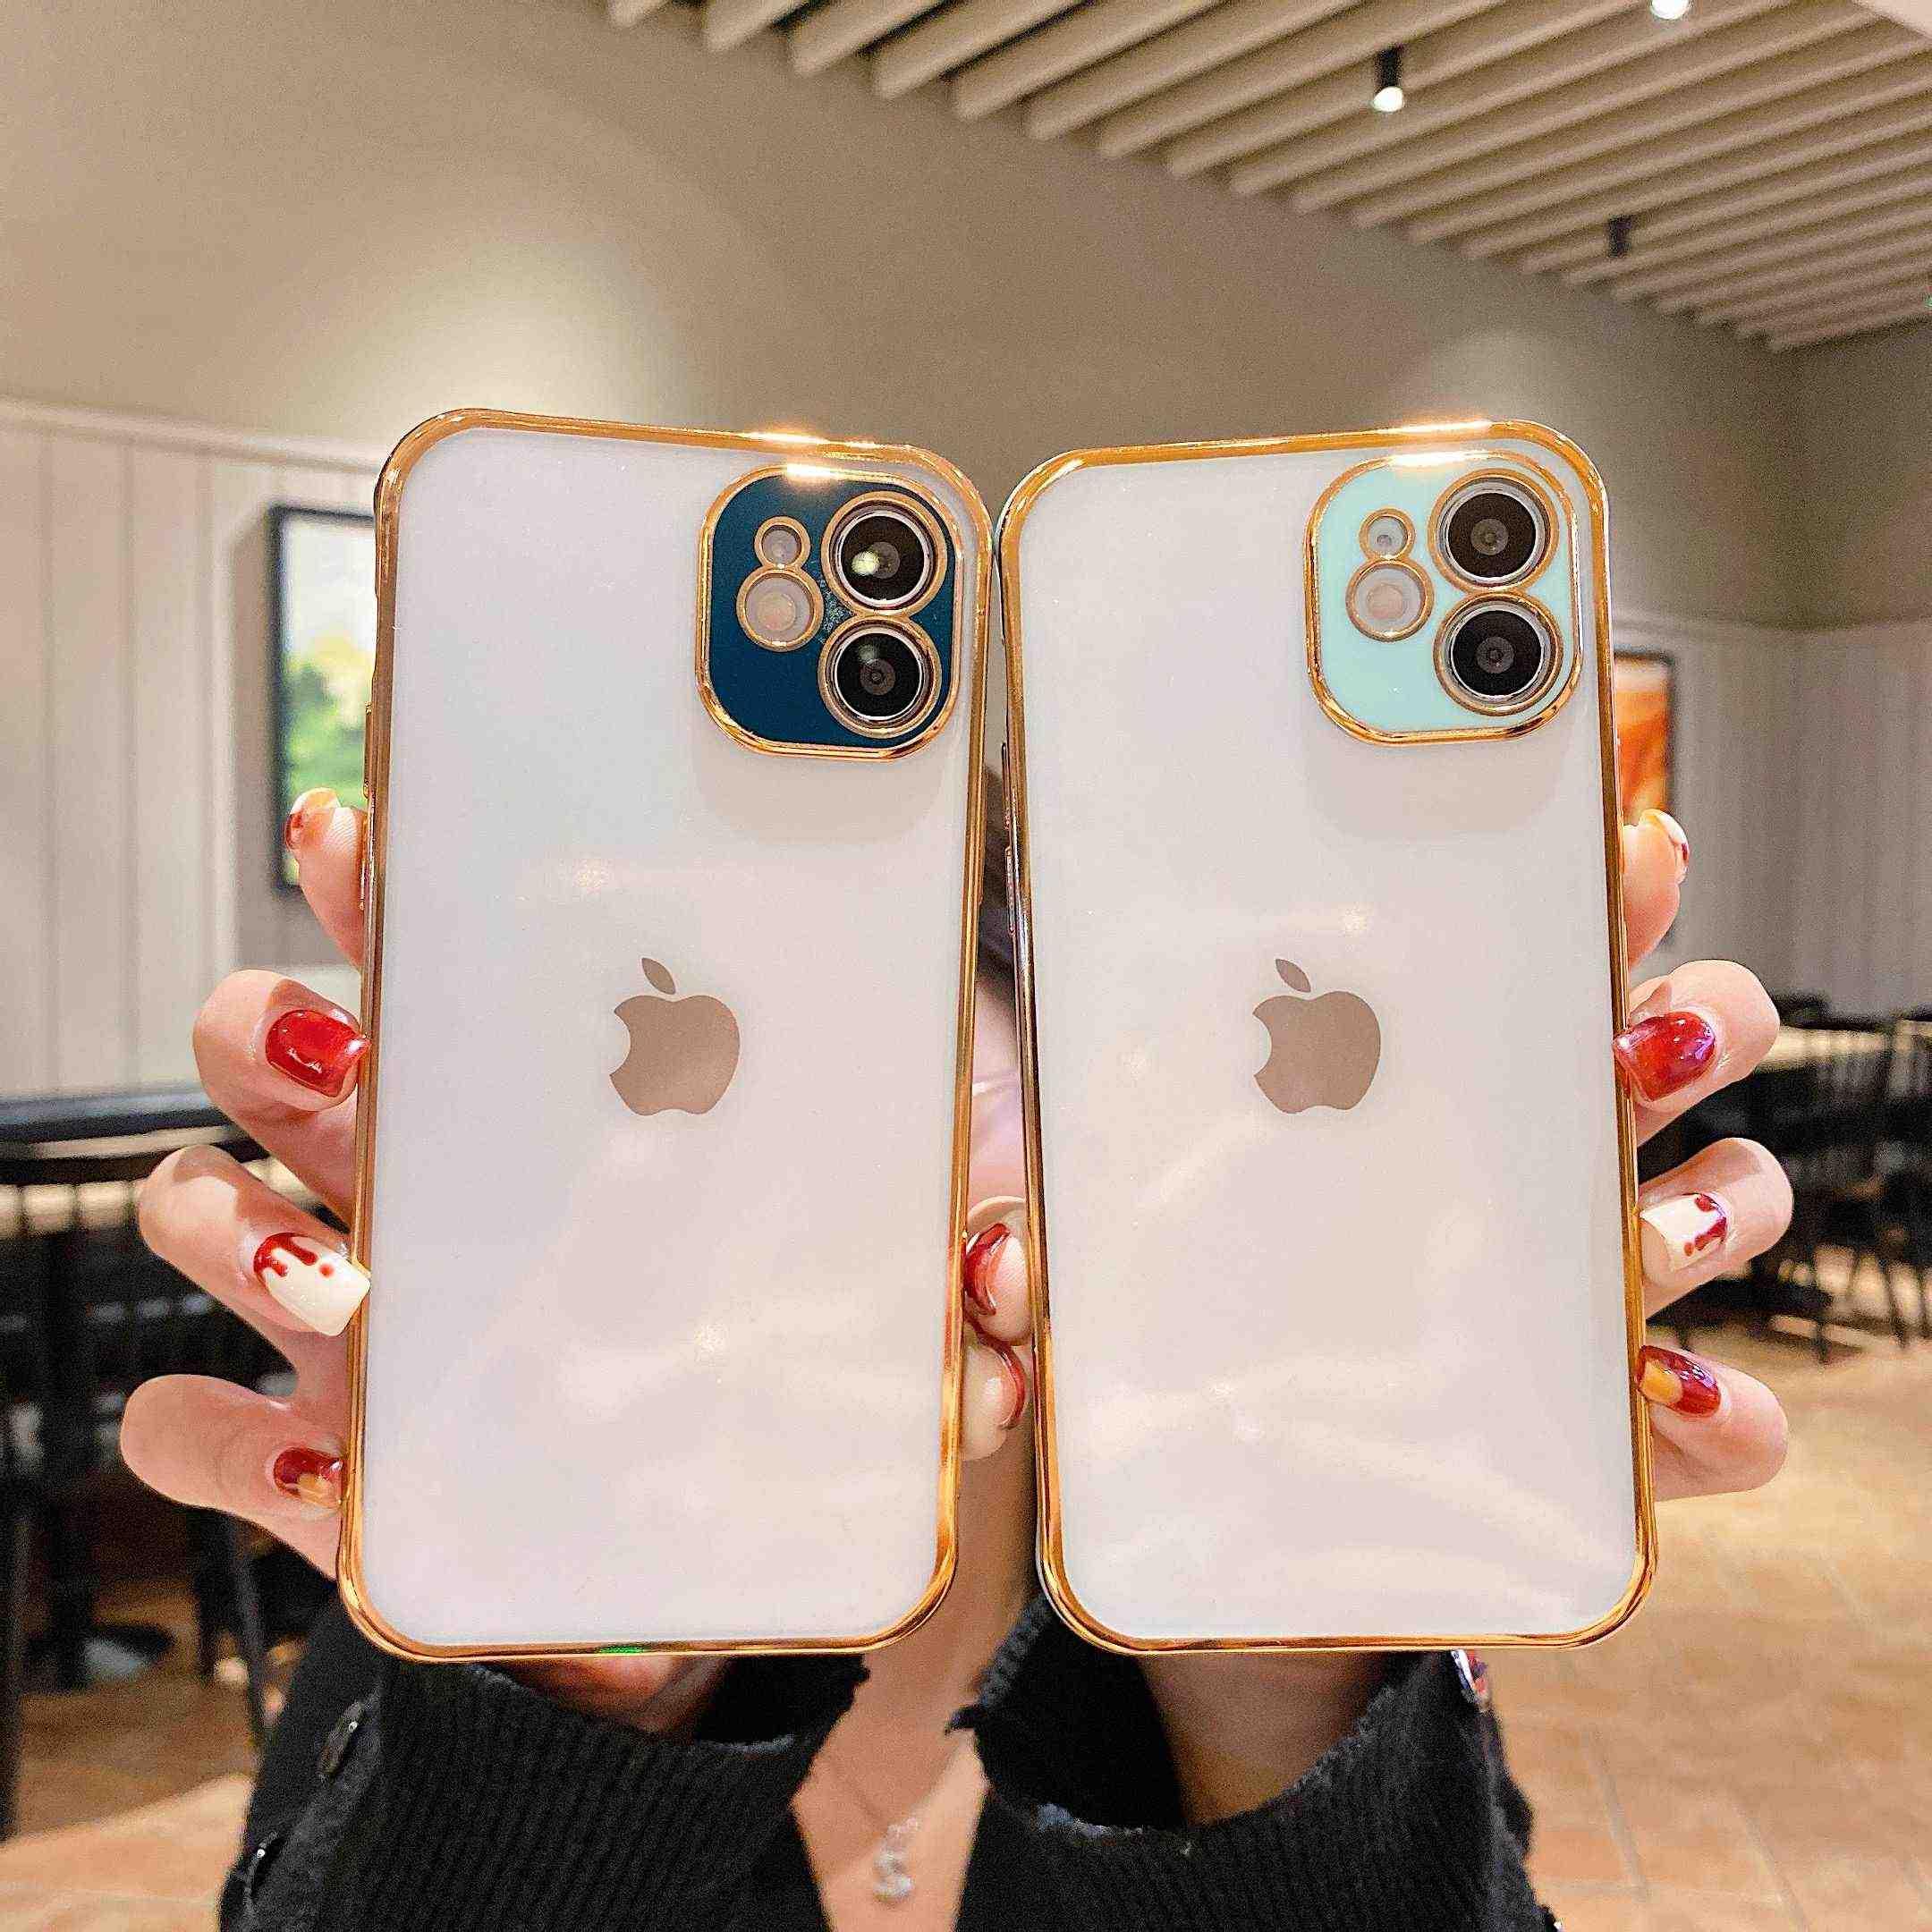 Iphone 12 pro max contre iphone 8 plus